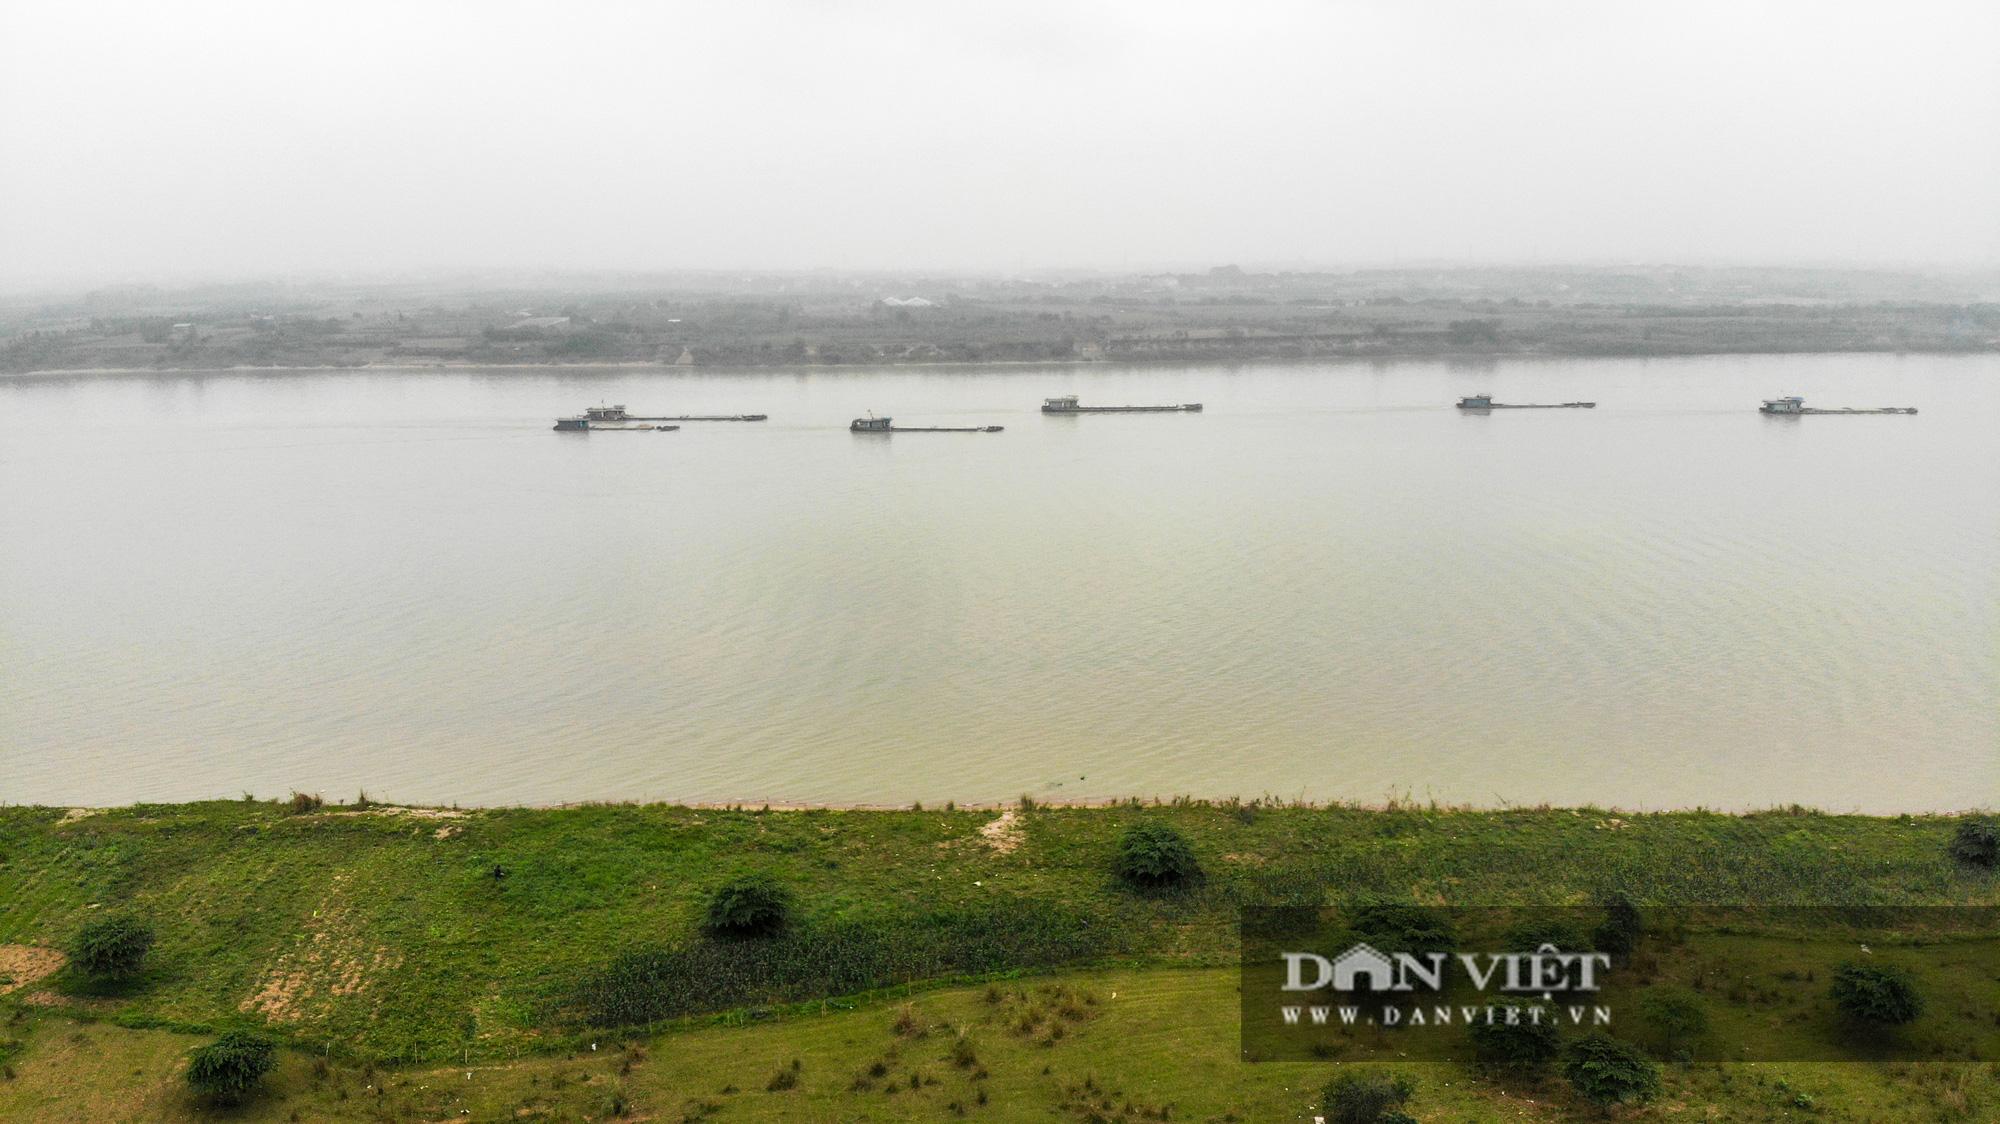 Những hoạt động trong khu vực quy hoạch ven sông Hồng có gì? - Ảnh 4.